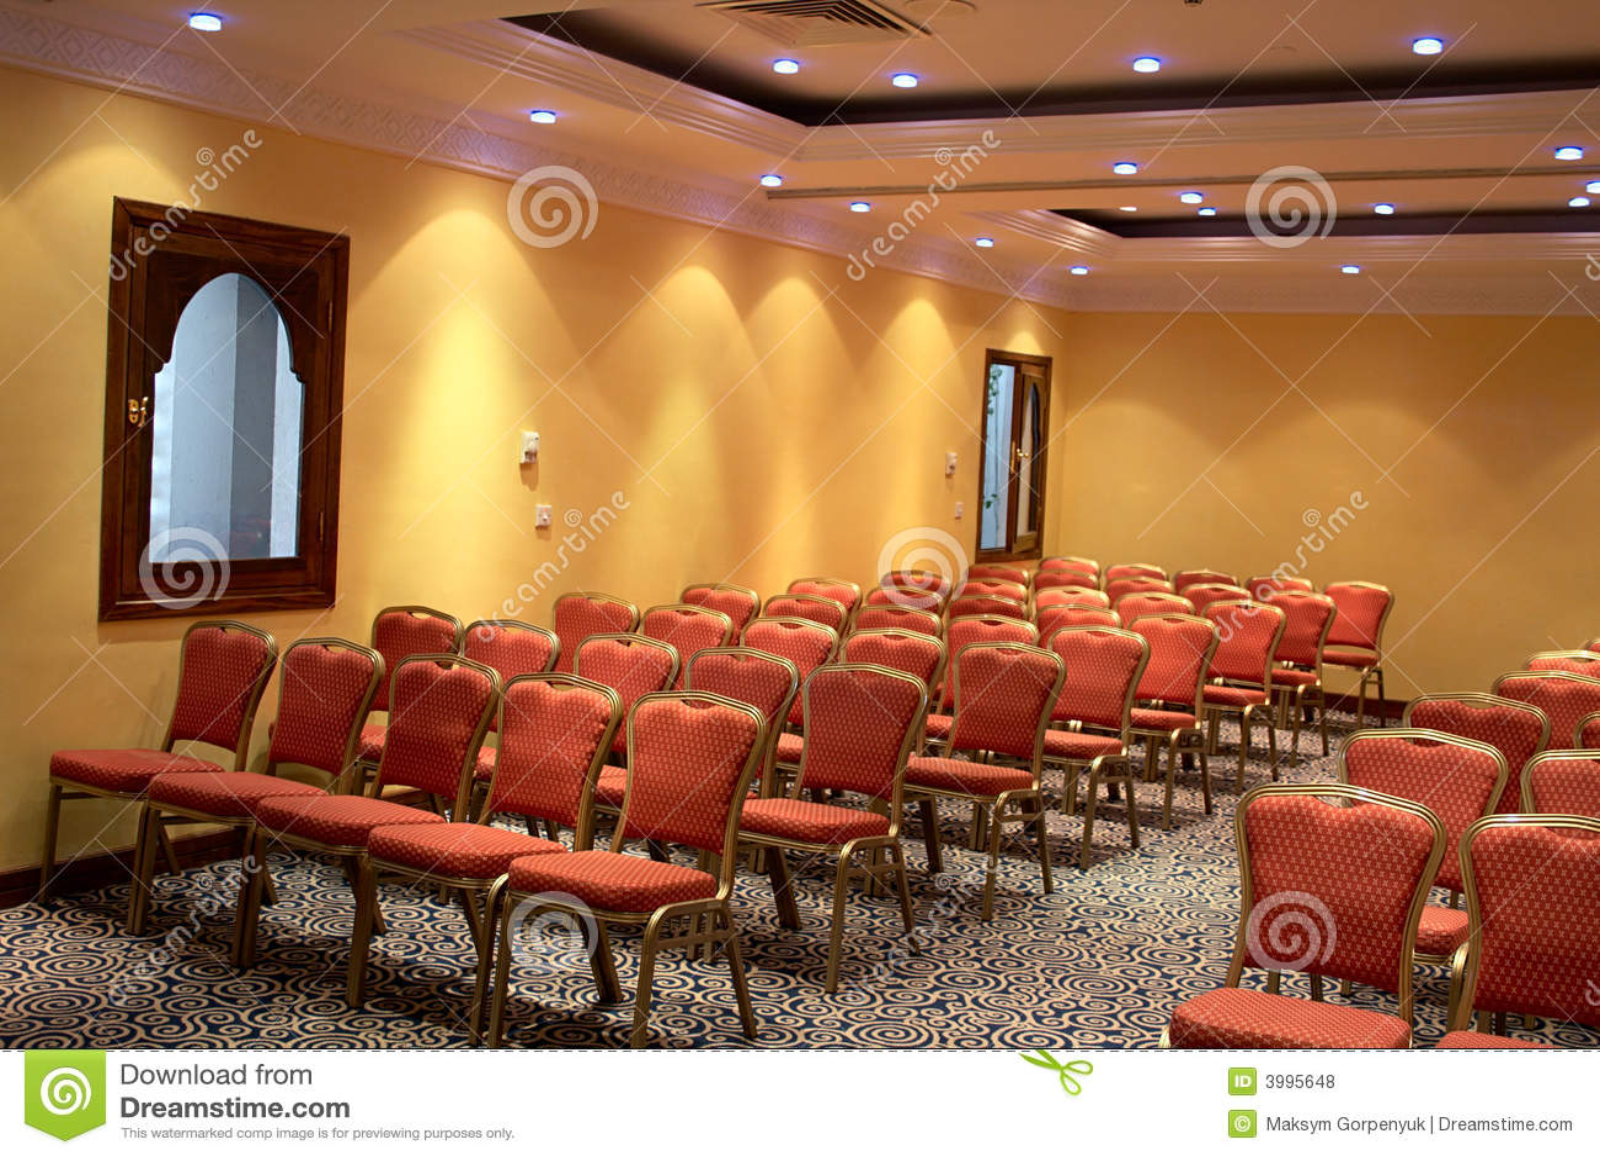 Sillas en la sala de conferencias fotos de archivo libres for Sillas para la sala